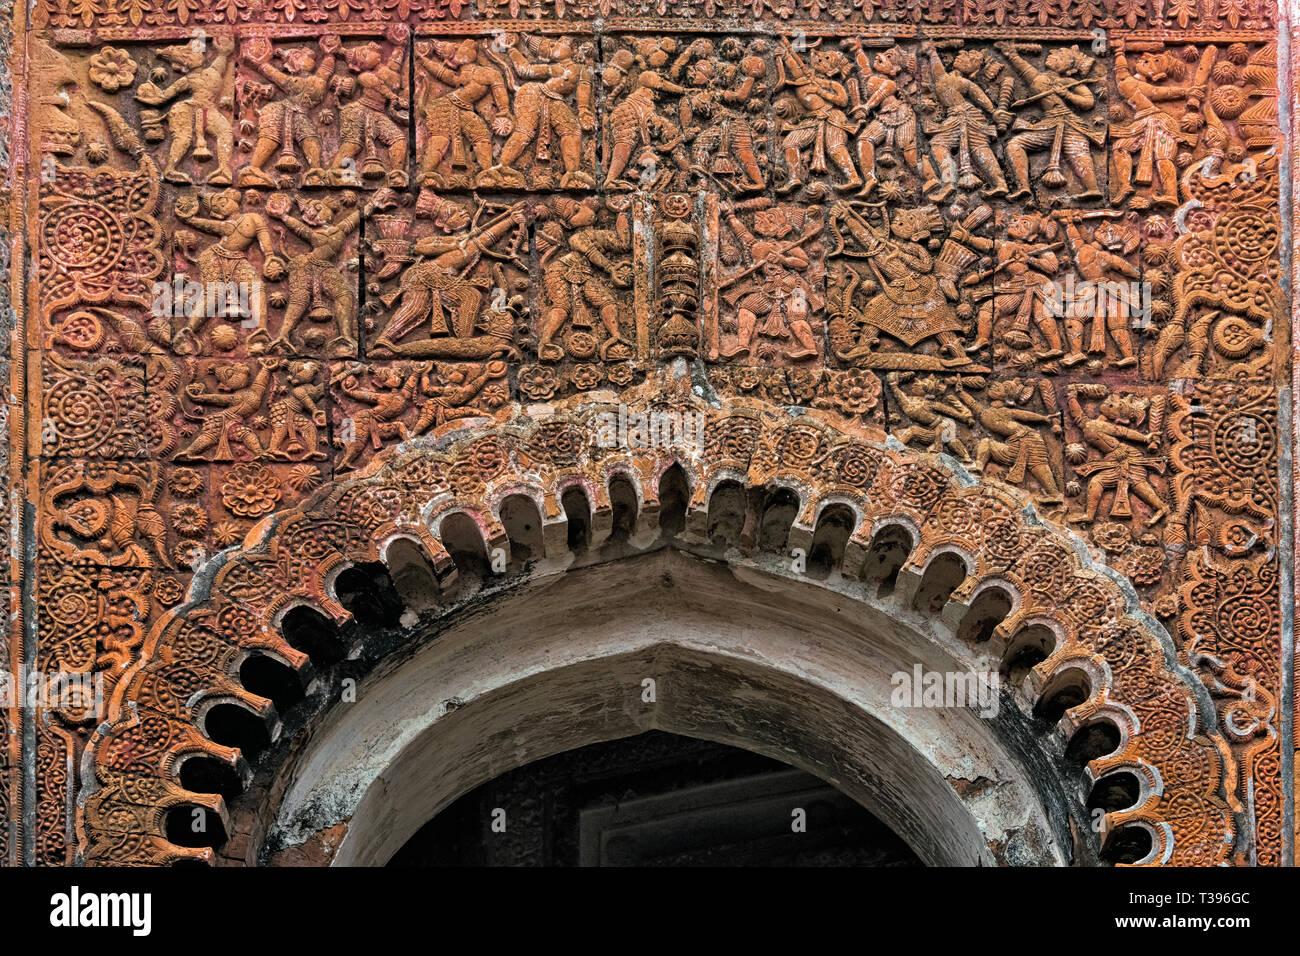 Close-up de talla del socorro Pancharatna Gobinda templo, parte del complejo del templo Puthia, división de Rajshahi, Bangladesh Imagen De Stock